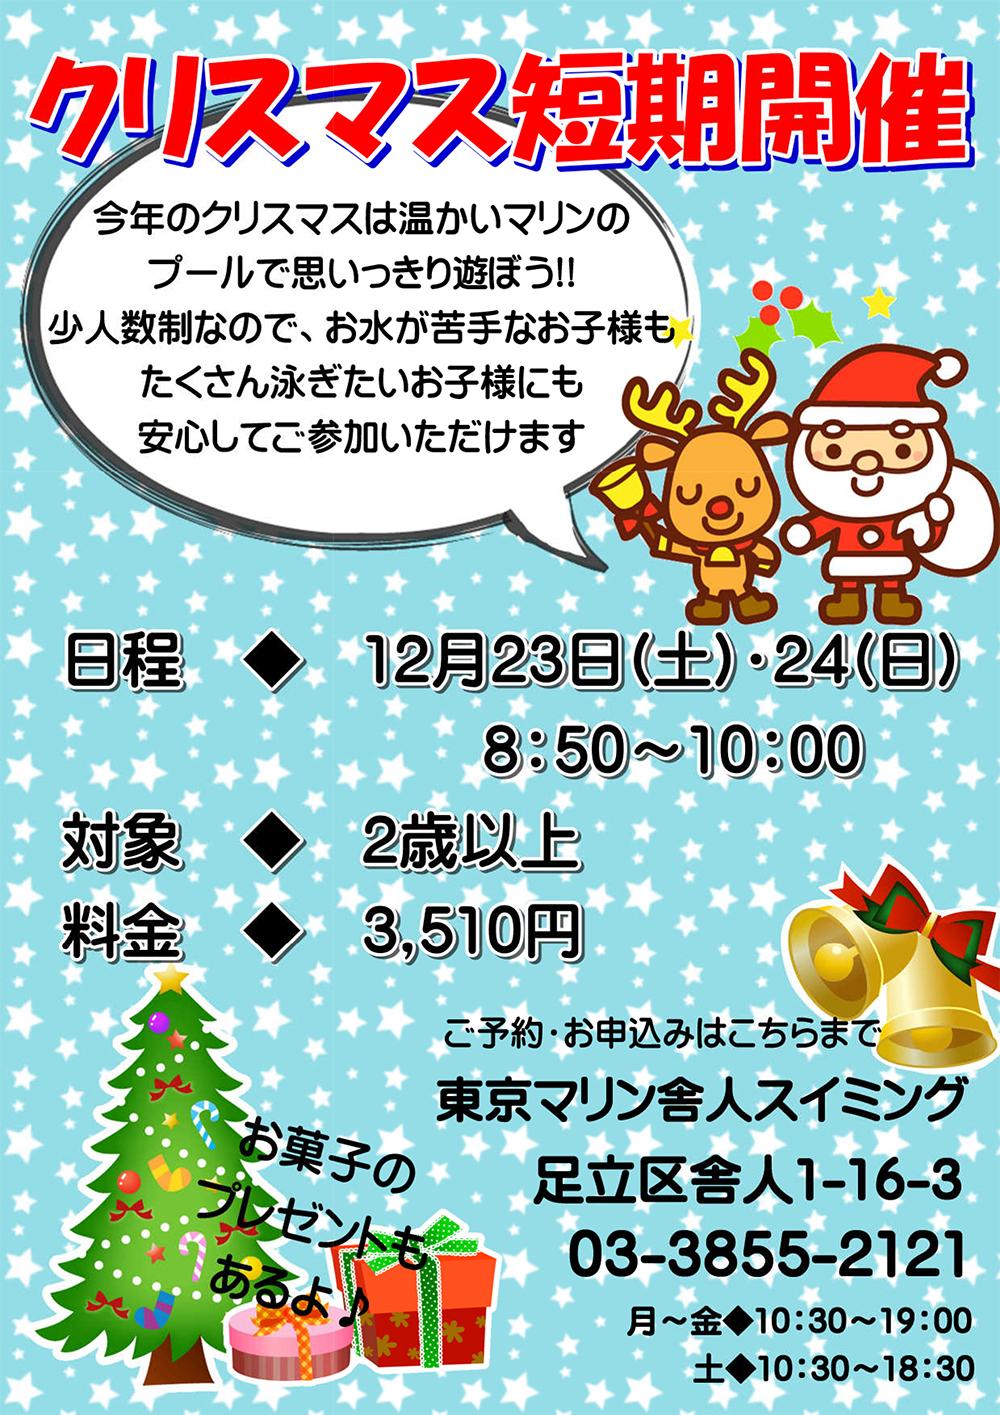 「12/23(土)〜12/24(日) クリスマス短期水泳教室」